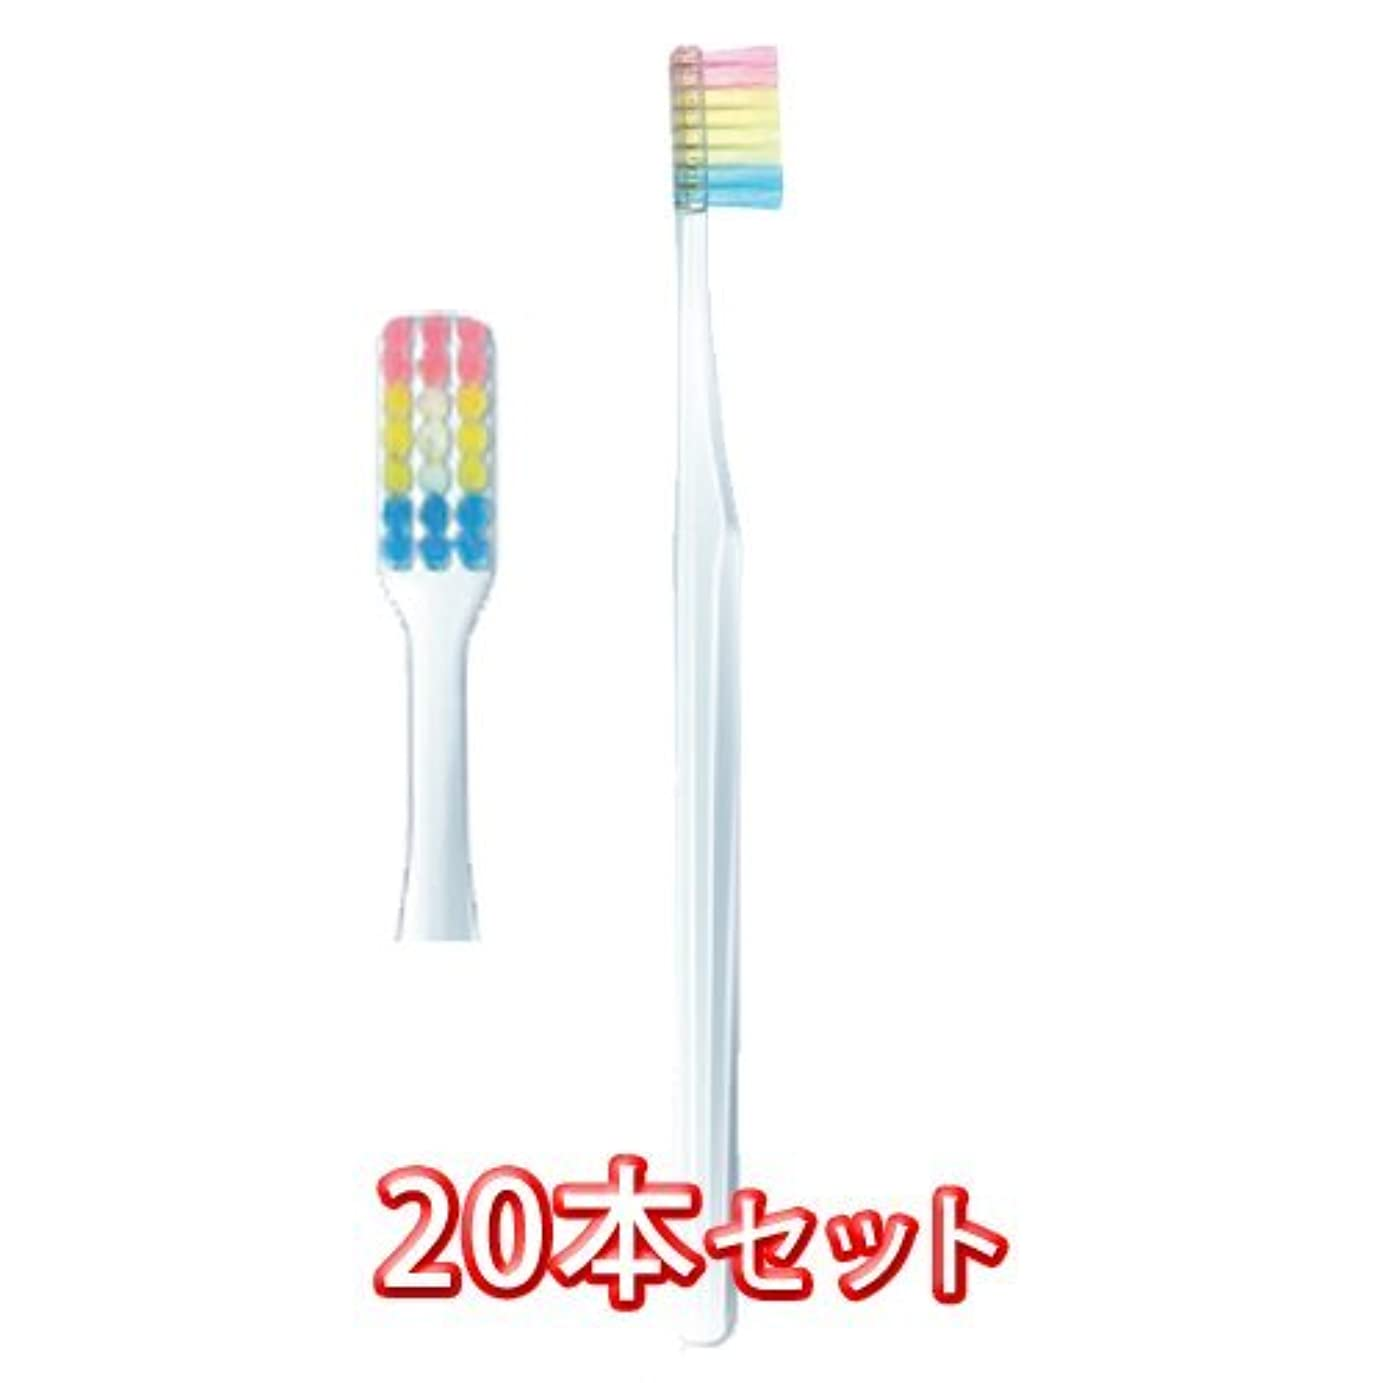 専門用語喪精通したプロスペック 歯ブラシ ヤング 20本入 フォーレッスン 毛の硬さふつう